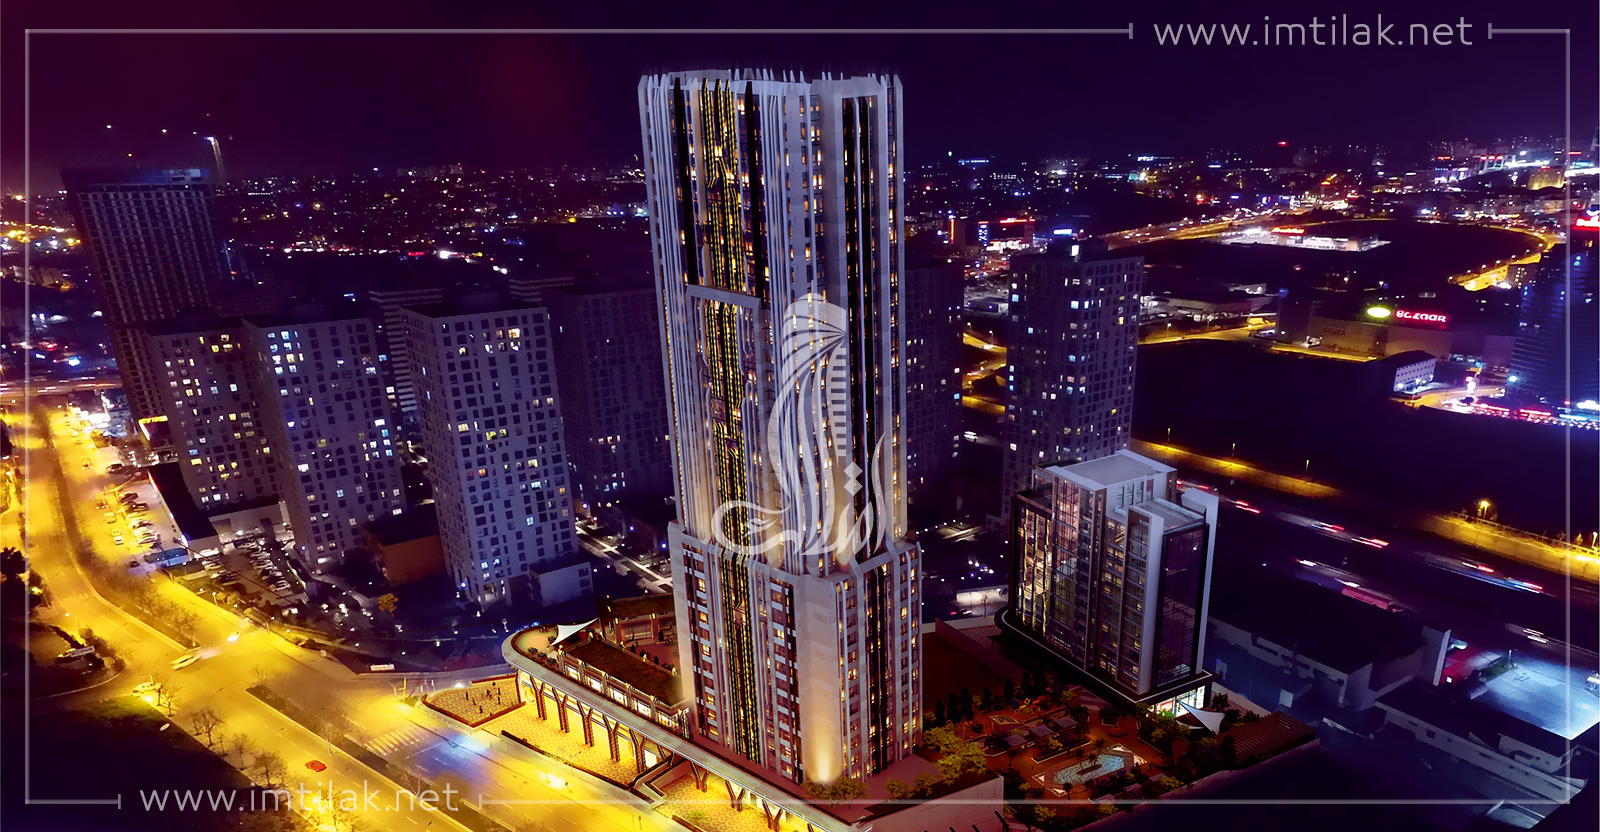 IMT - 248 Center Hill - Appartements Istanbul Esenyurt